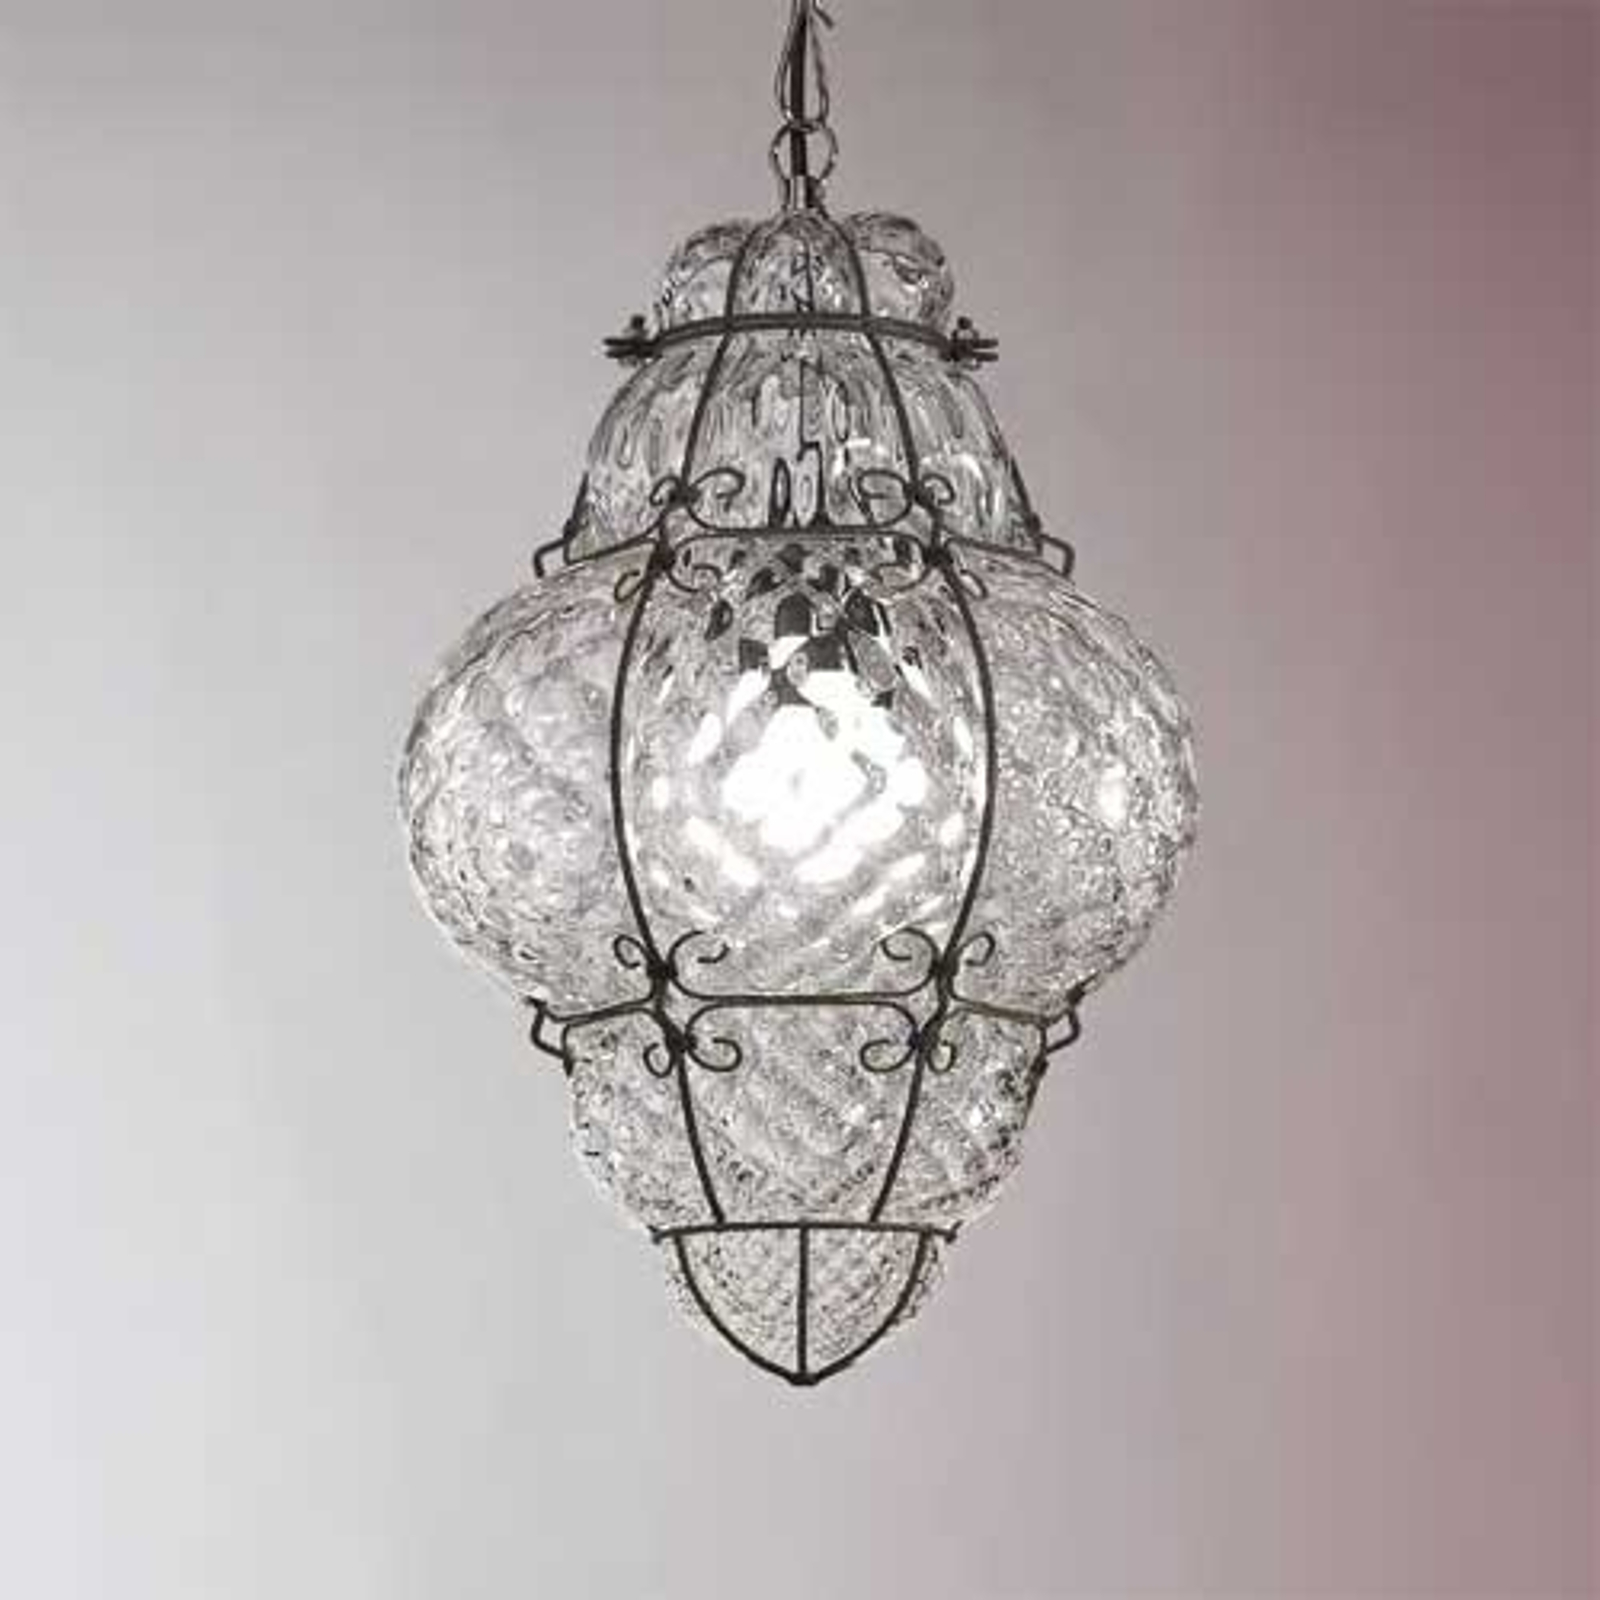 Lampa wisząca CLASSIC ze szkła dmuchanego 43 cm